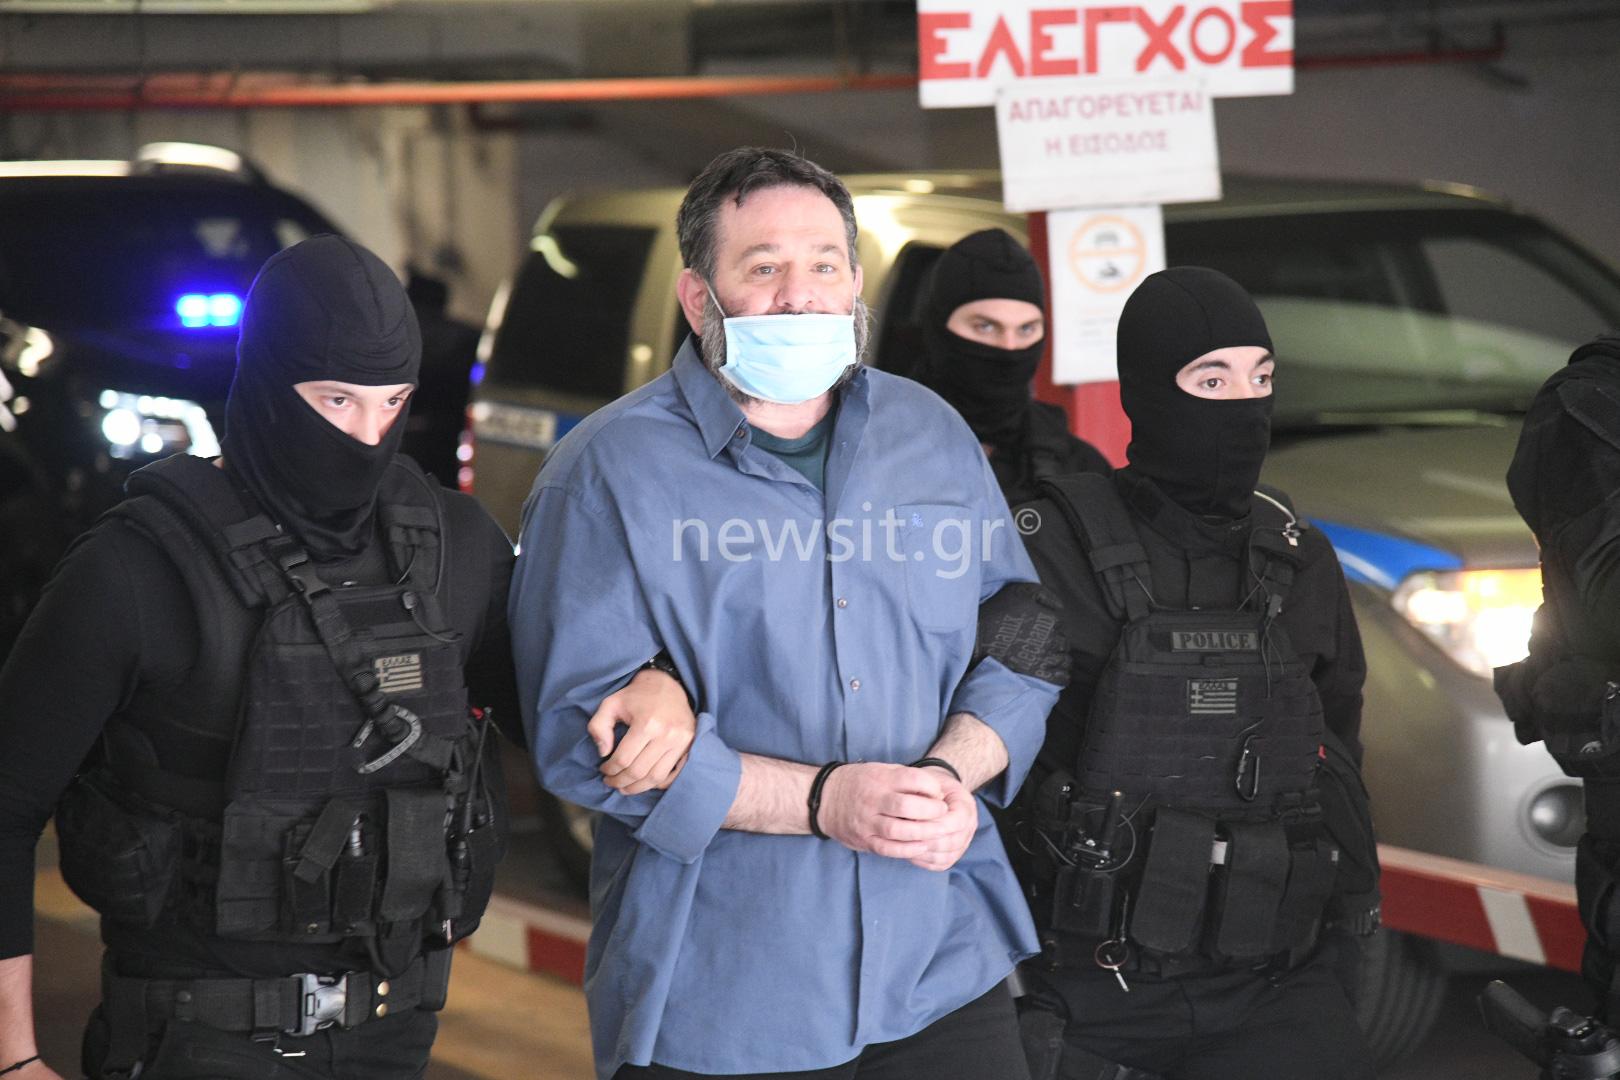 Στην Ελλάδα ο Γιάννης Λαγός – Από το αεροδρόμιο στο Εφετείο και μετά φυλακή